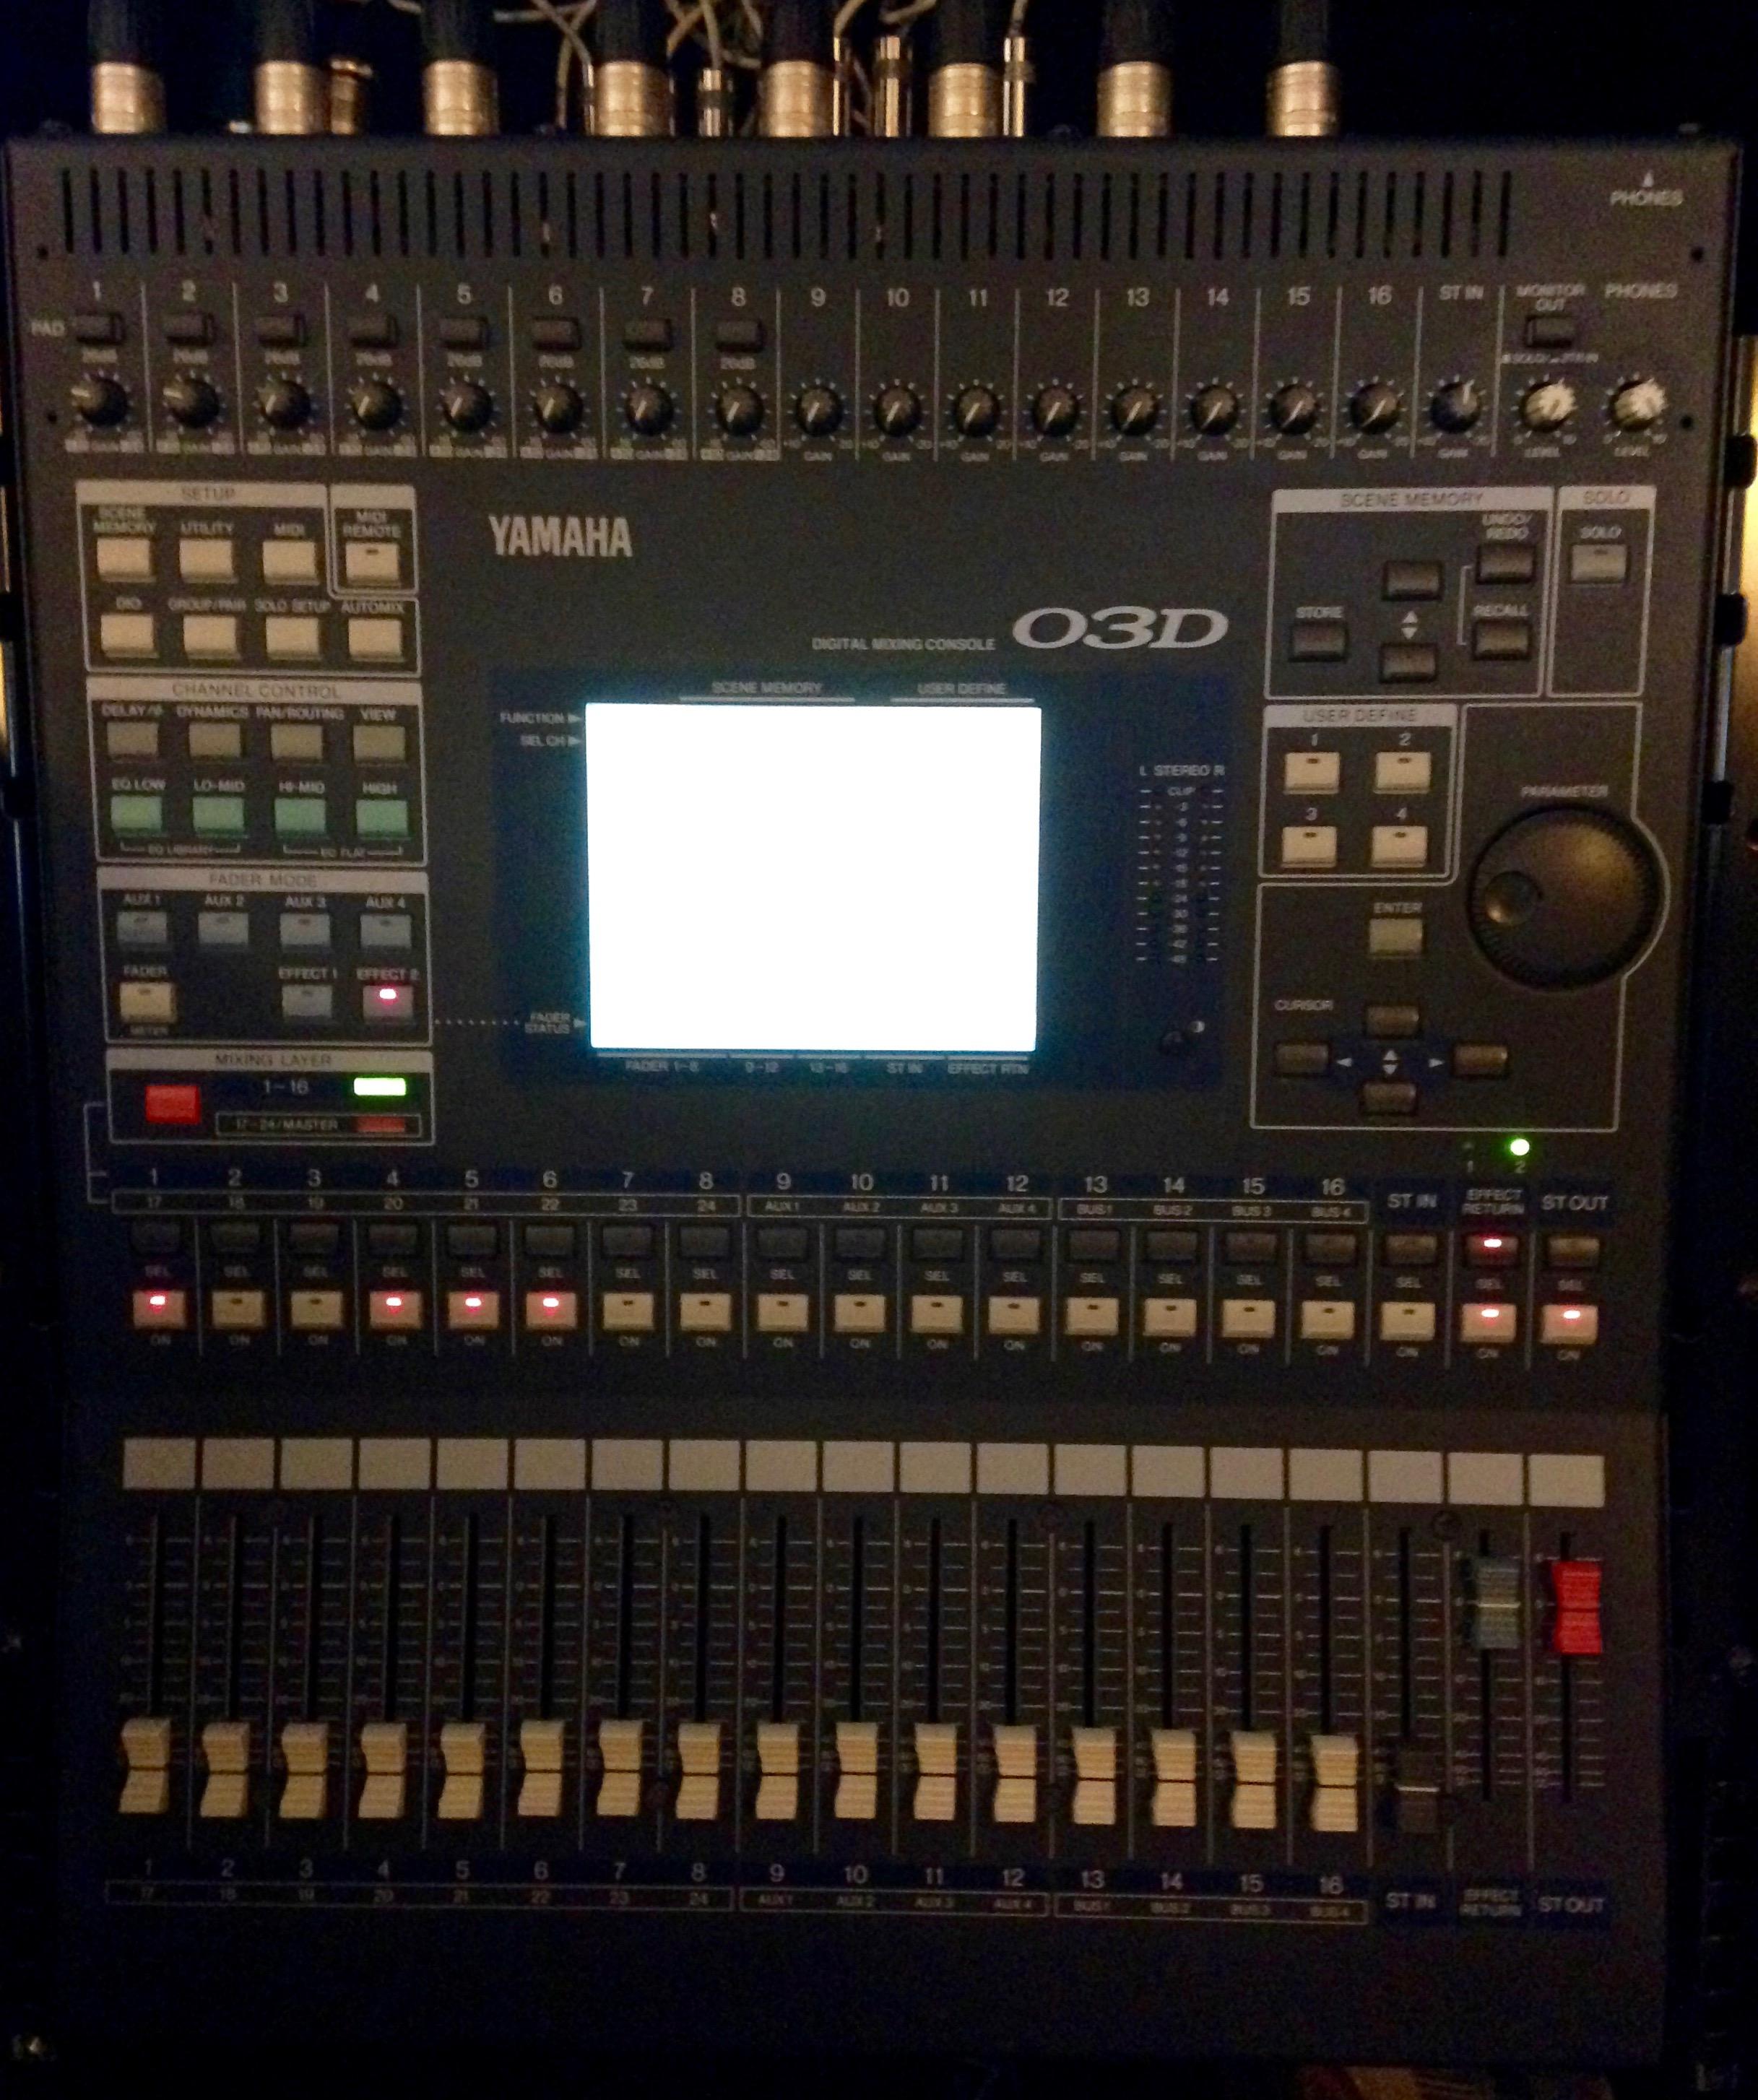 Vend table de mixage num rique yamaha 03d carte adat 8in - Table de mixage numerique yamaha ...